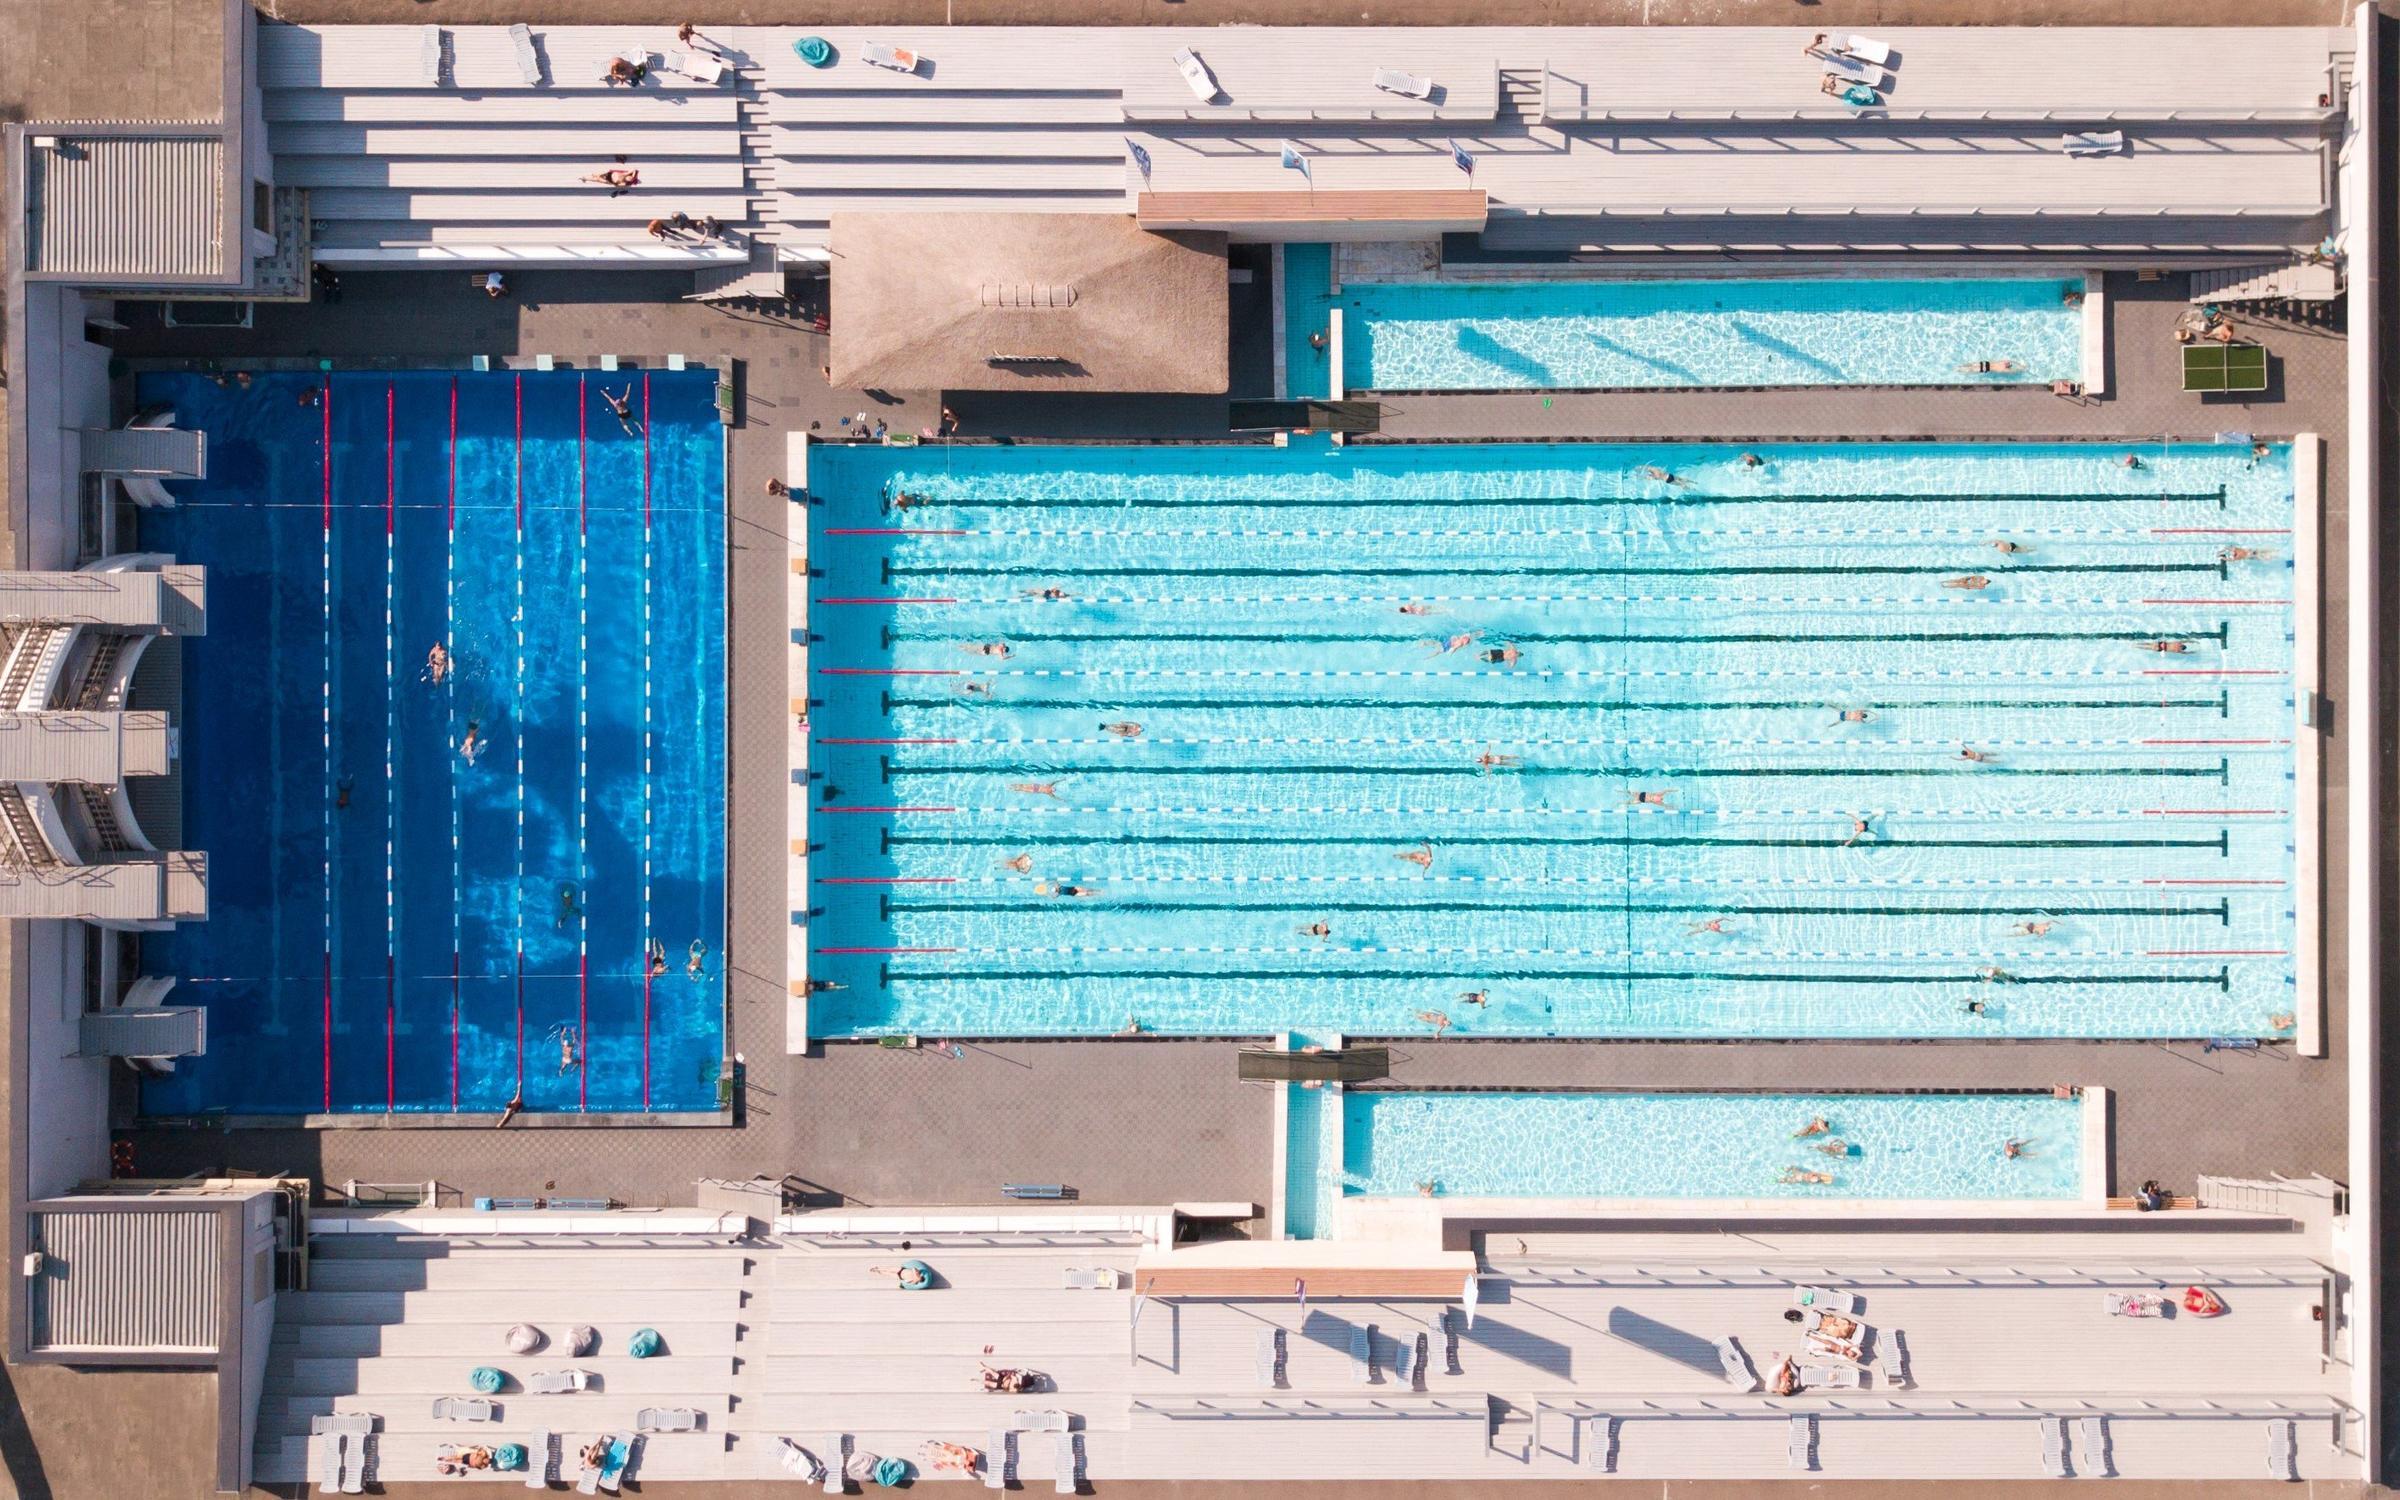 фотография Бассейна под открытым небом Чайка на метро Парк культуры